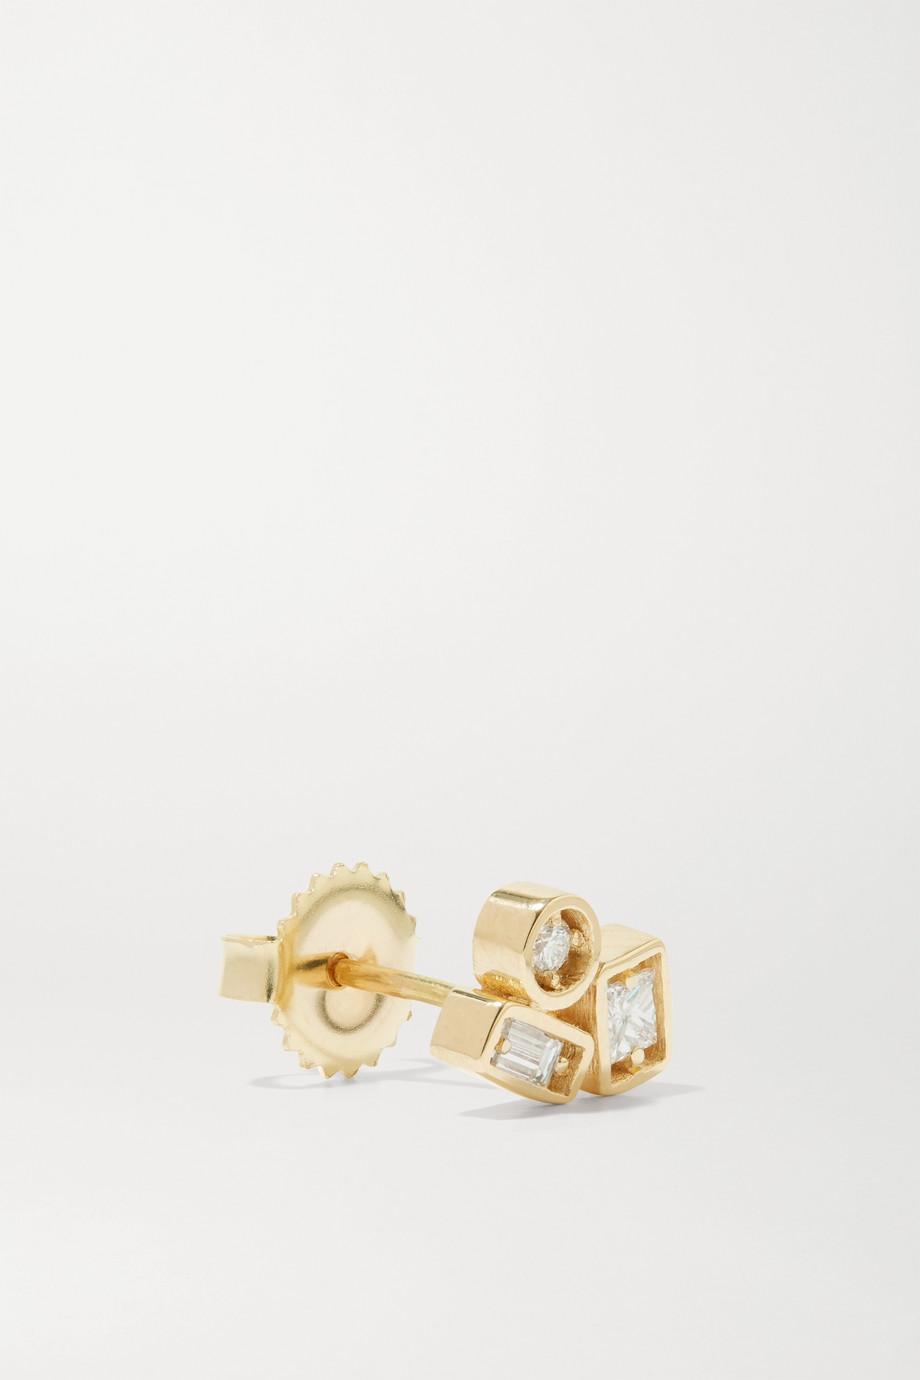 Suzanne Kalan 18-karat gold diamond earrings